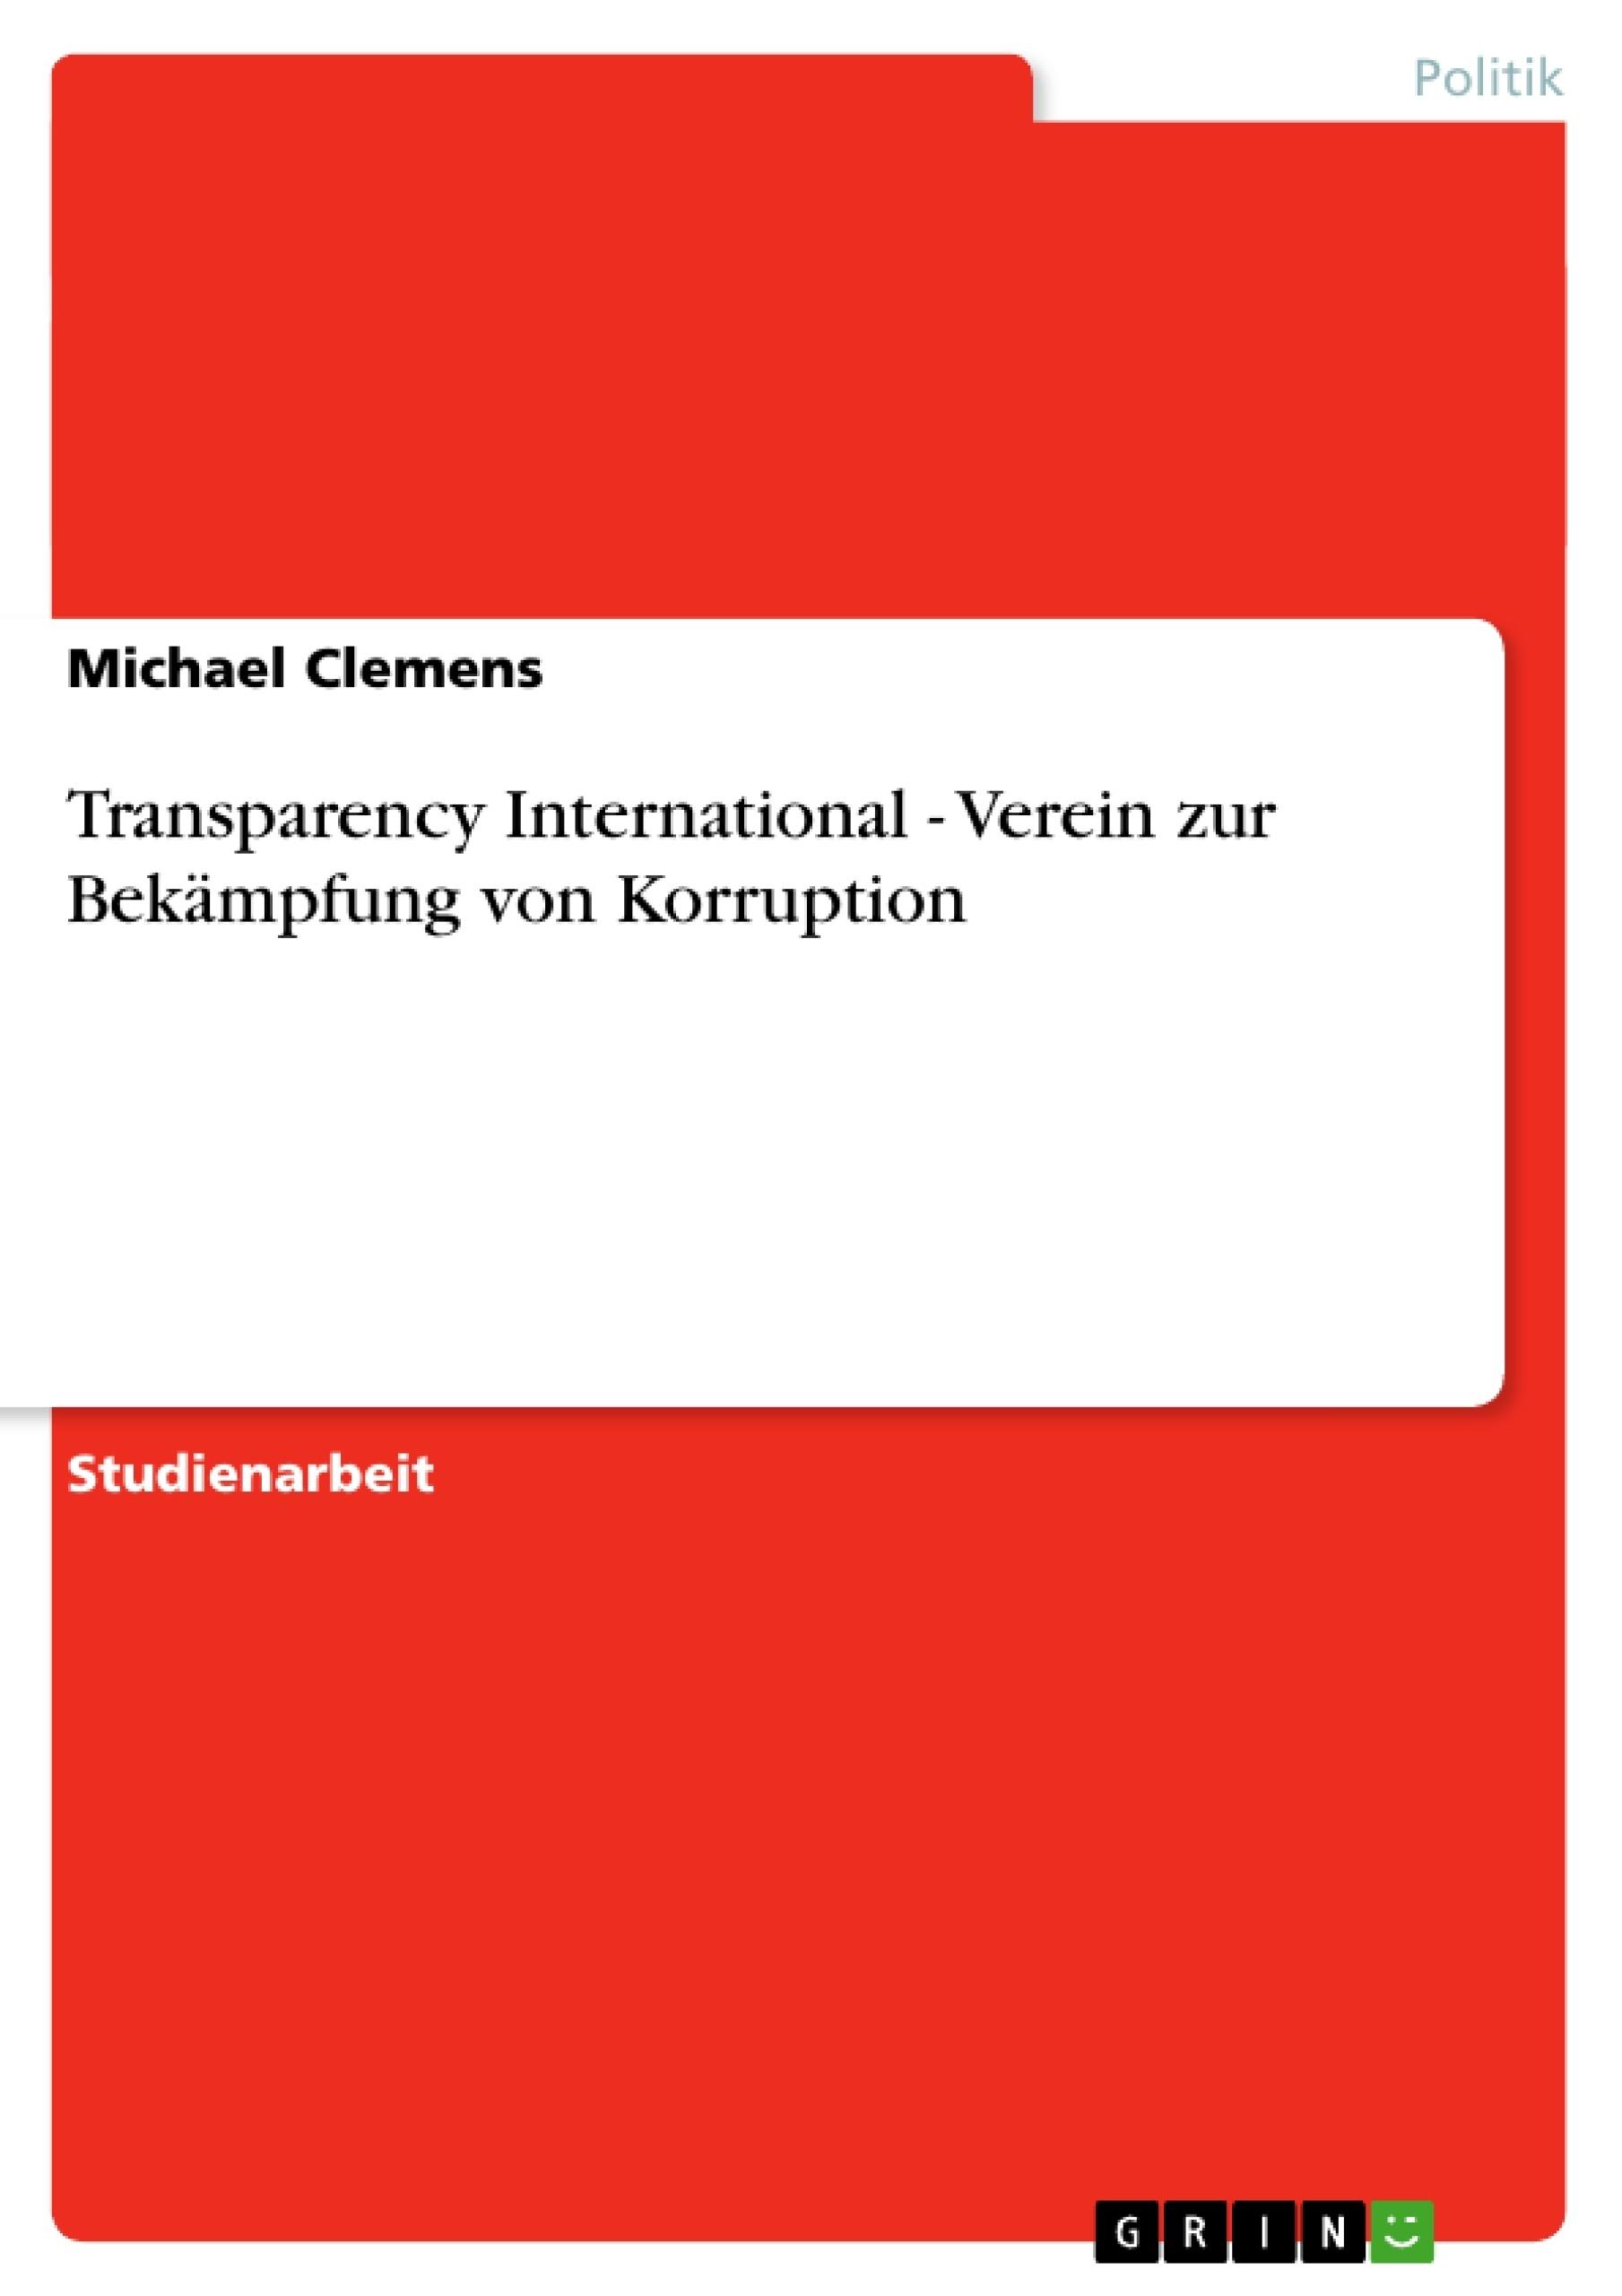 Titel: Transparency International - Verein zur Bekämpfung von Korruption